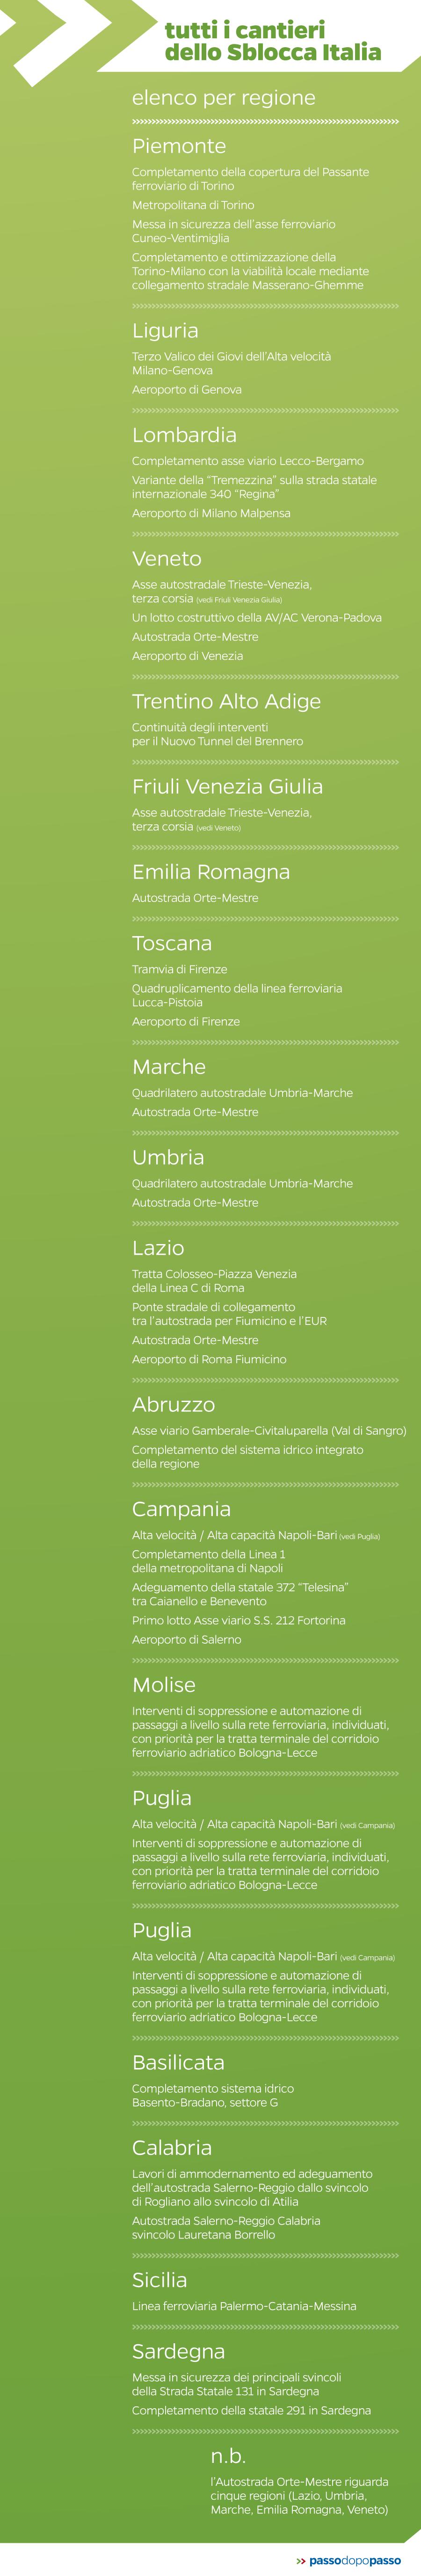 Infografica: Tutti i cantieri dello Sblocca Italia (regione per regione)